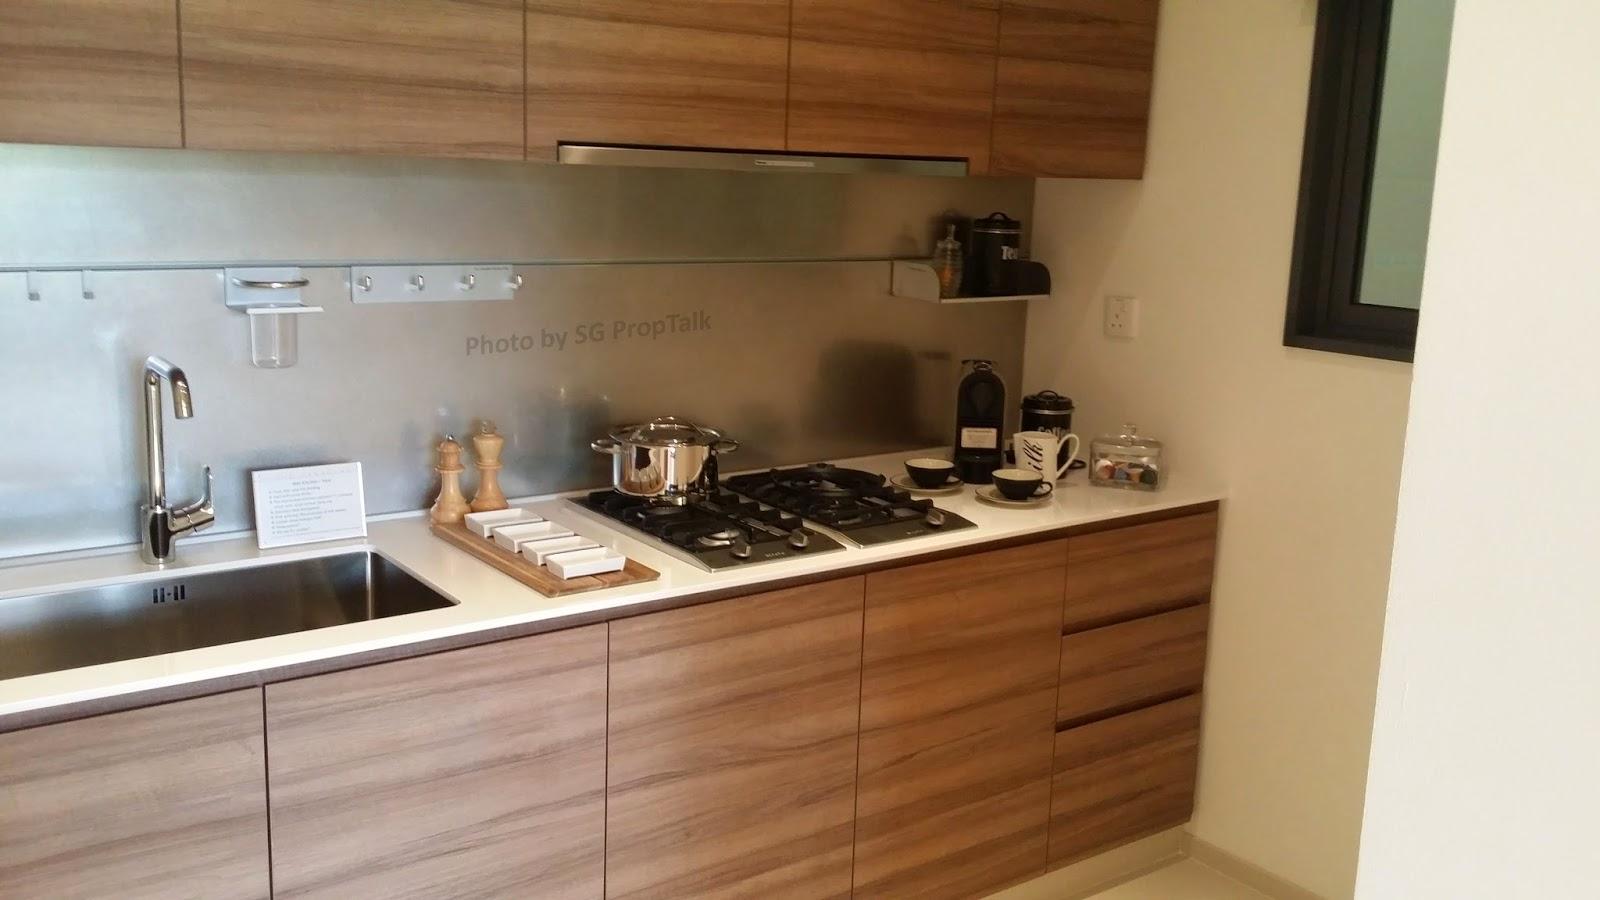 Contact - Panorama Kitchens